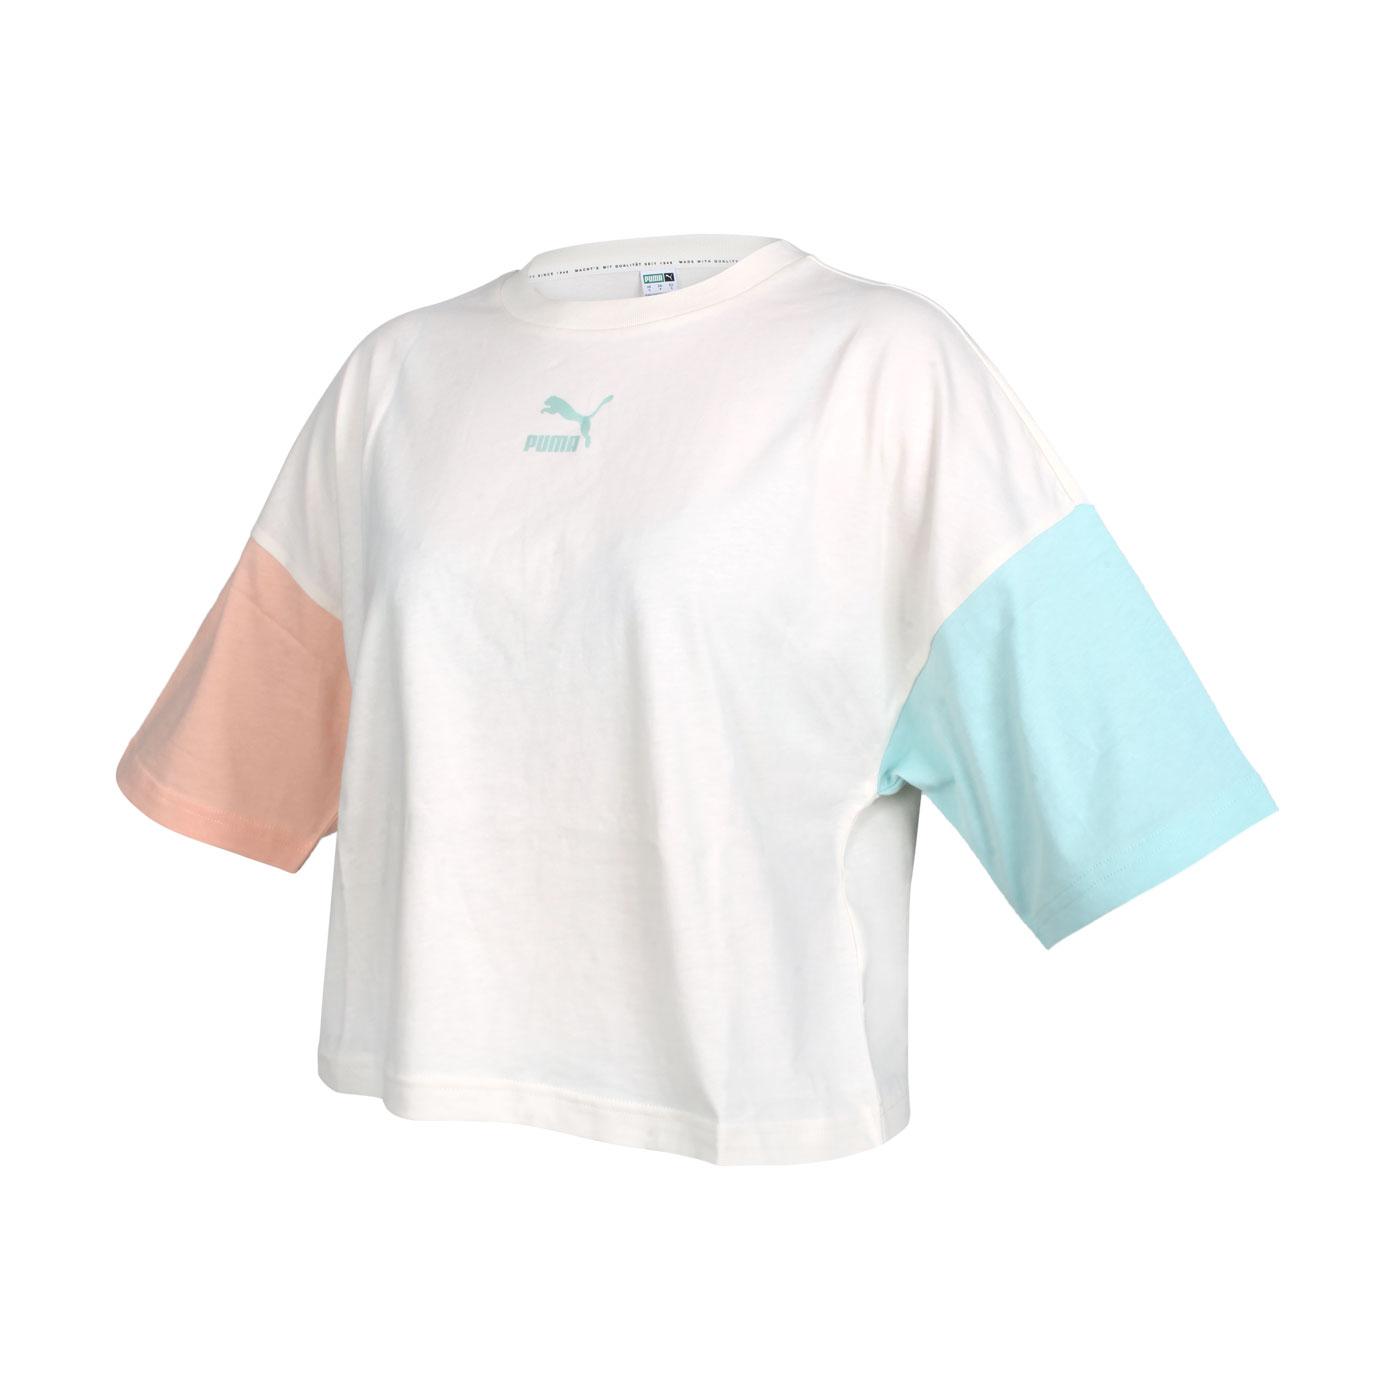 PUMA 女款短袖T恤 53169688